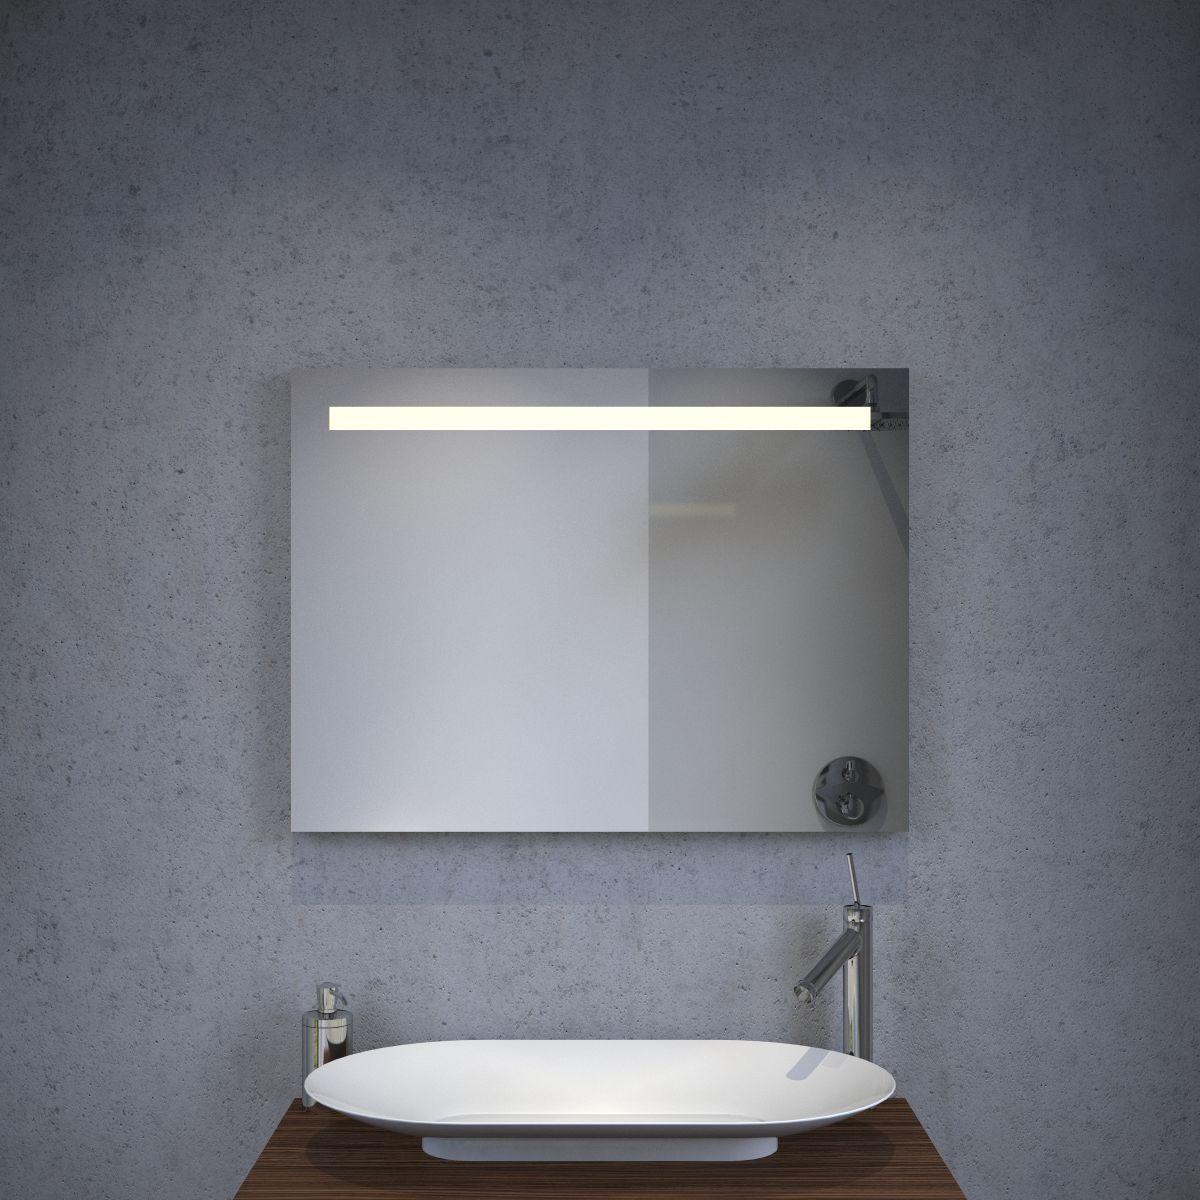 Unterschiedlich Badkamer LED spiegel met verwarming en sensor 80x60 cm  PY13